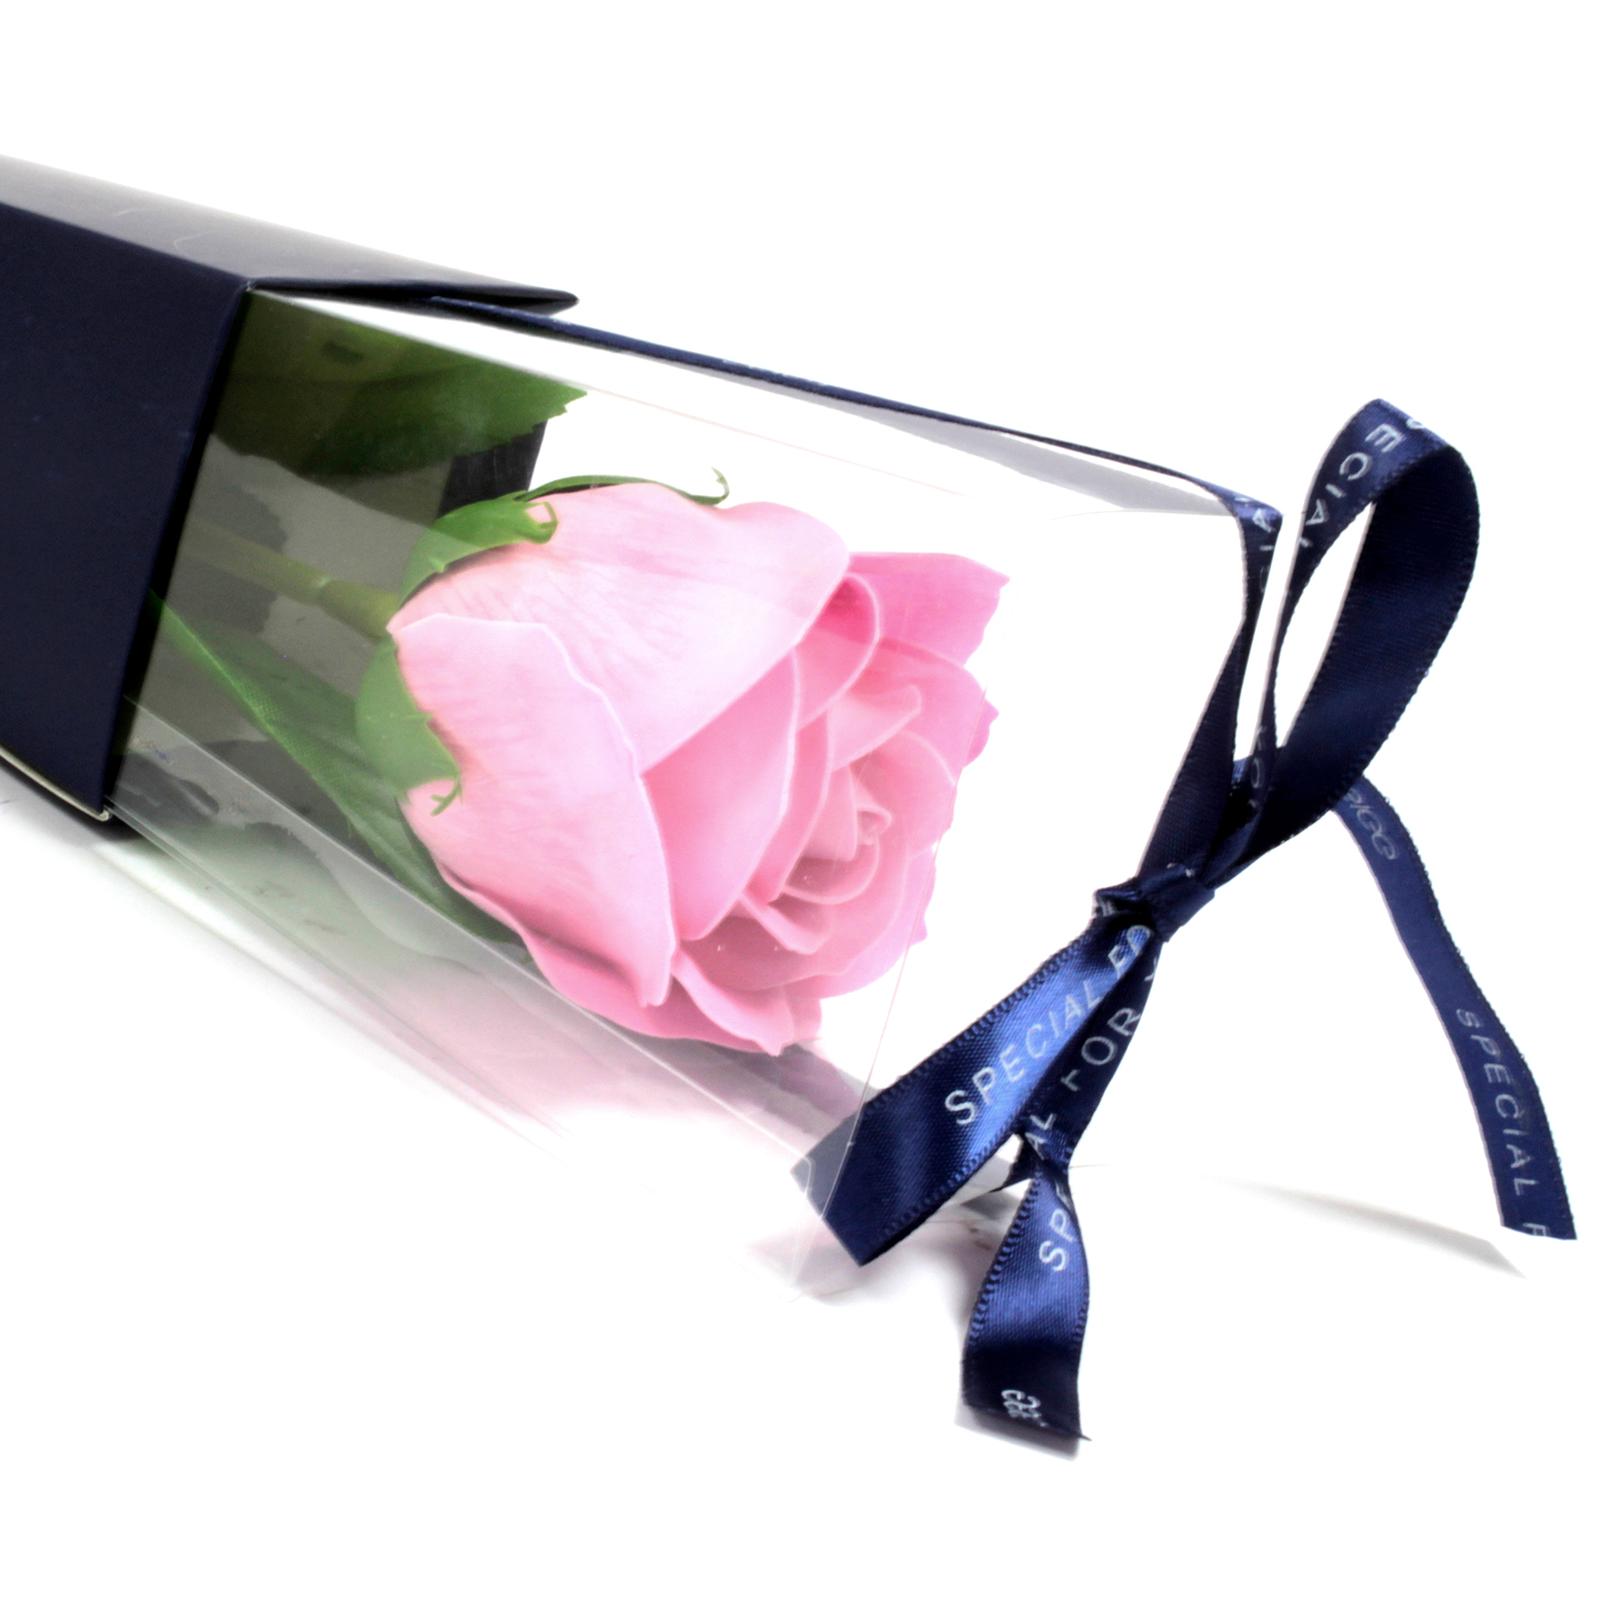 1x Single Rose - Pink Rose